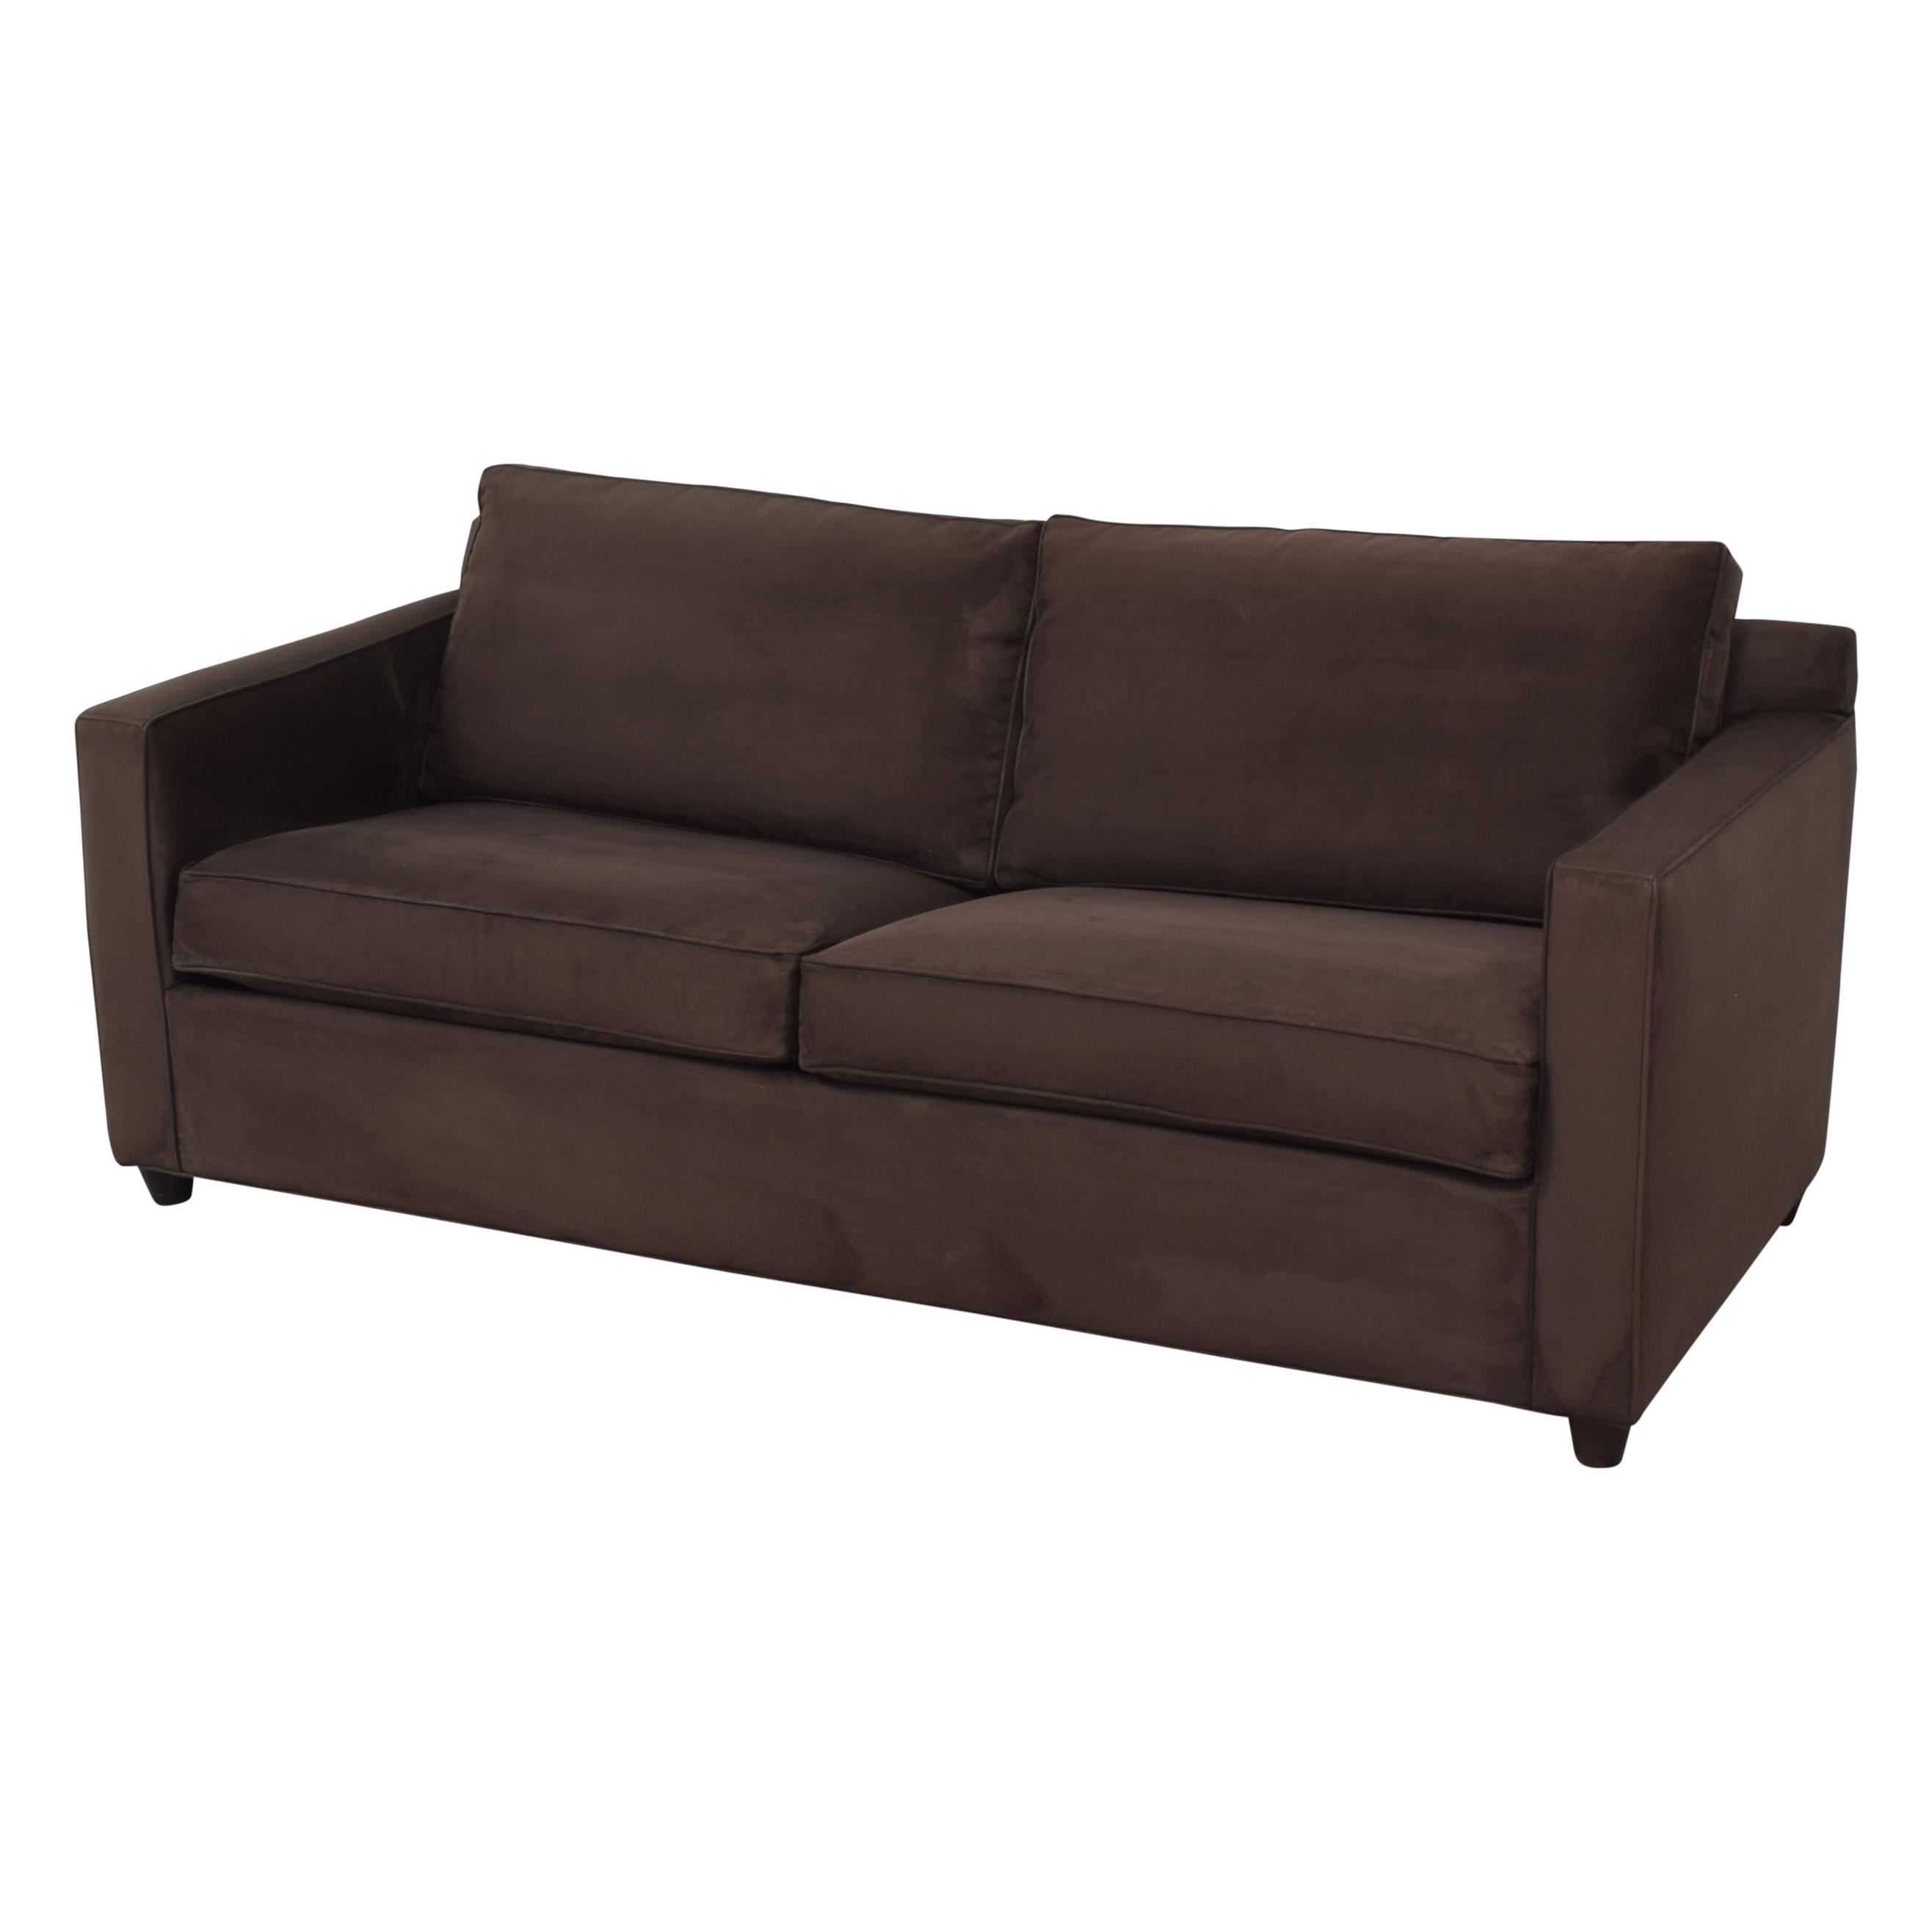 Crate & Barrel Crate & Barrel Barrett Queen Sleeper Sofa Sofas